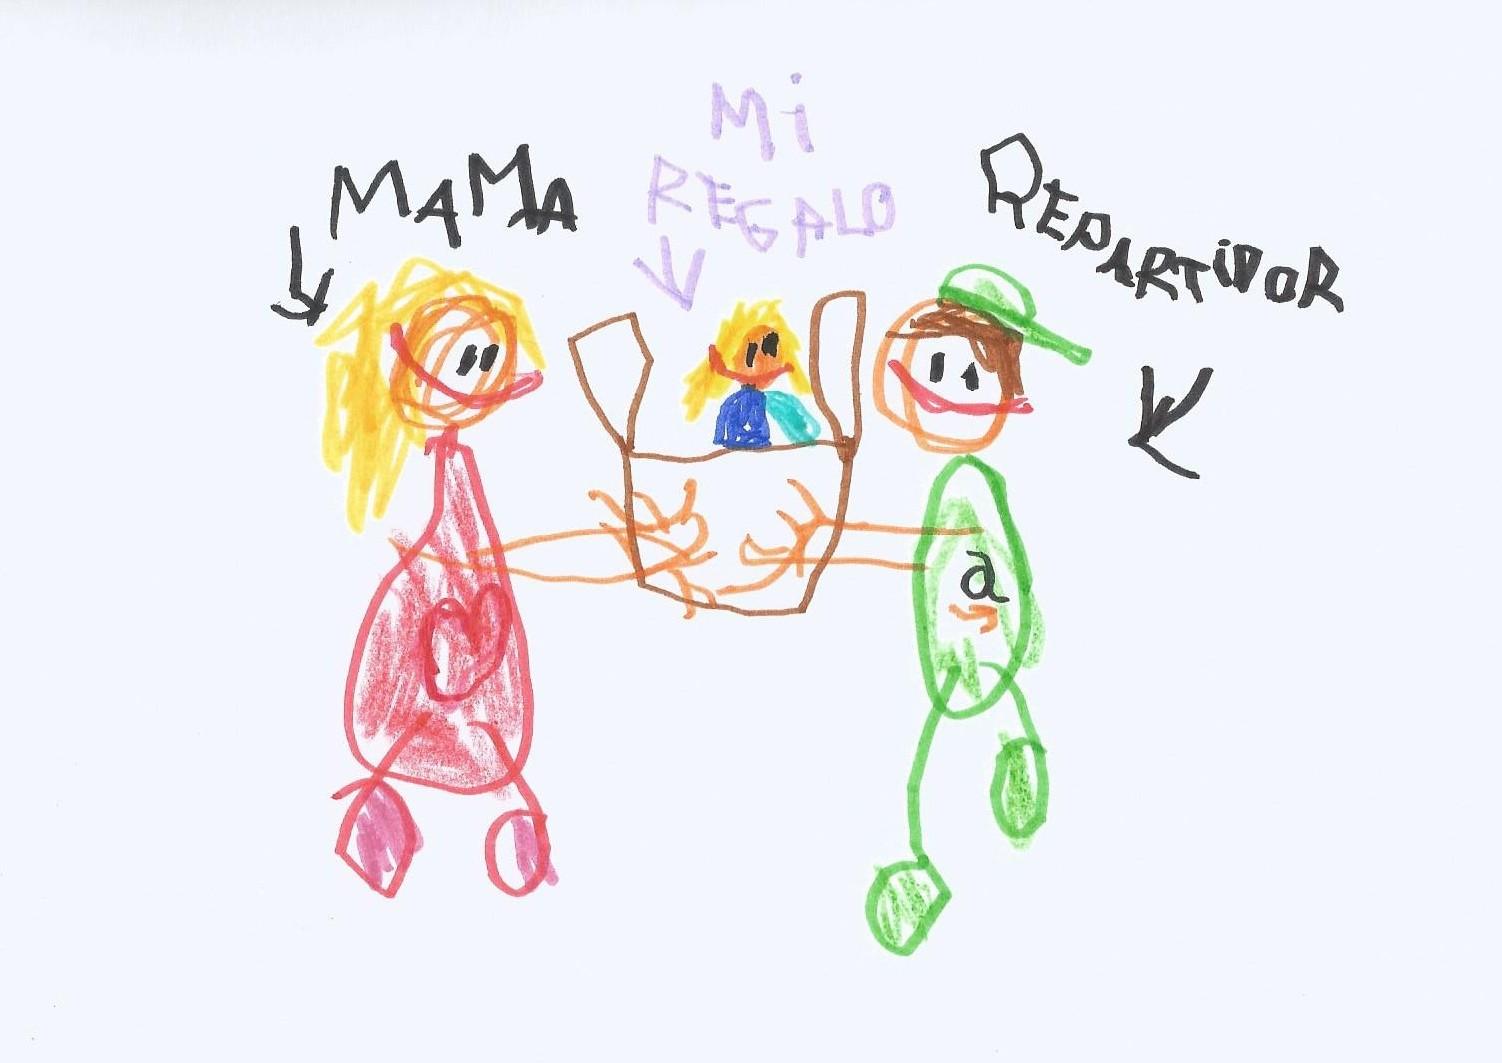 dibujo repartidor amazon y mama